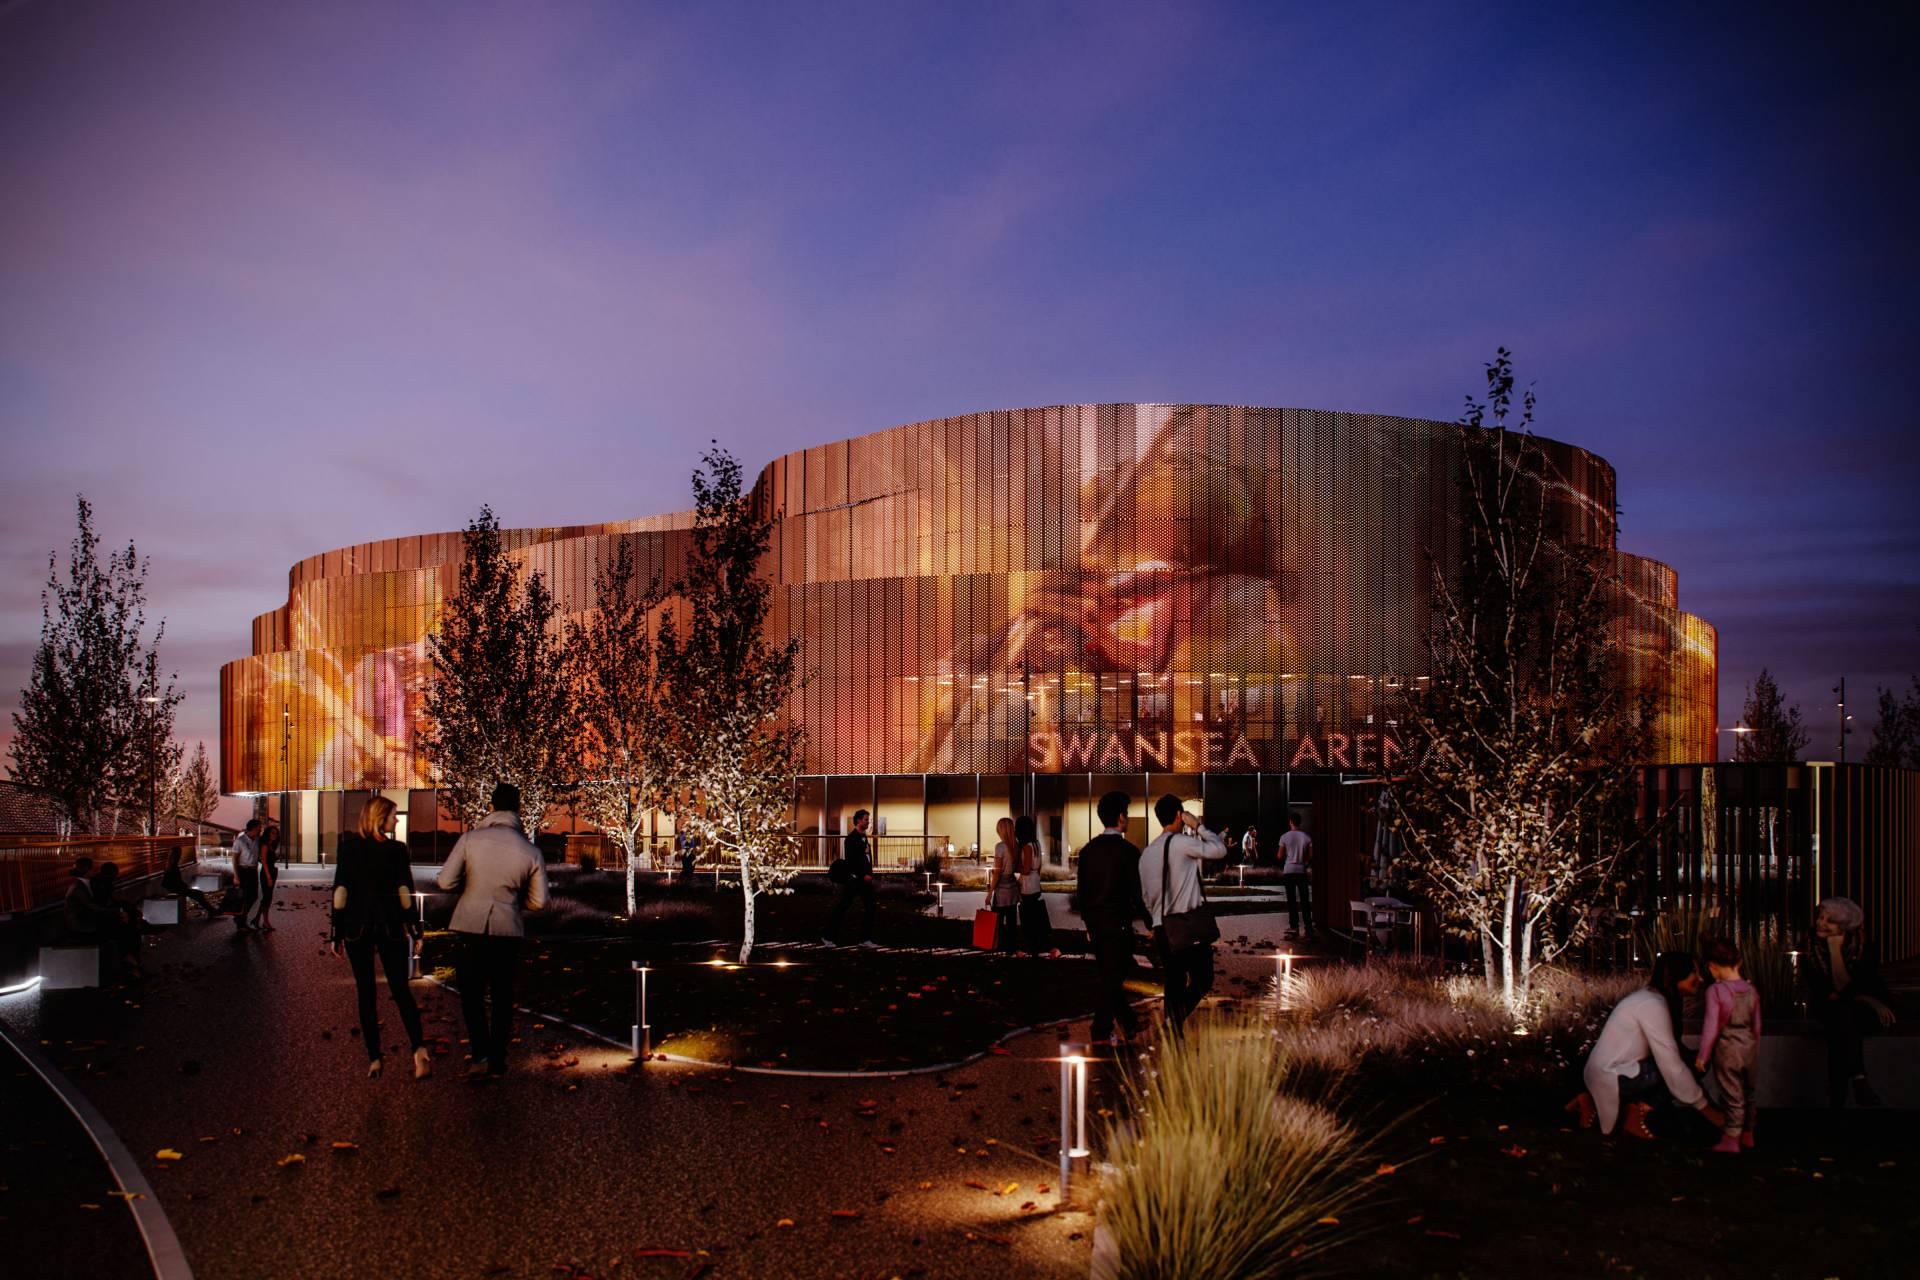 Swansea Arena interactive facade